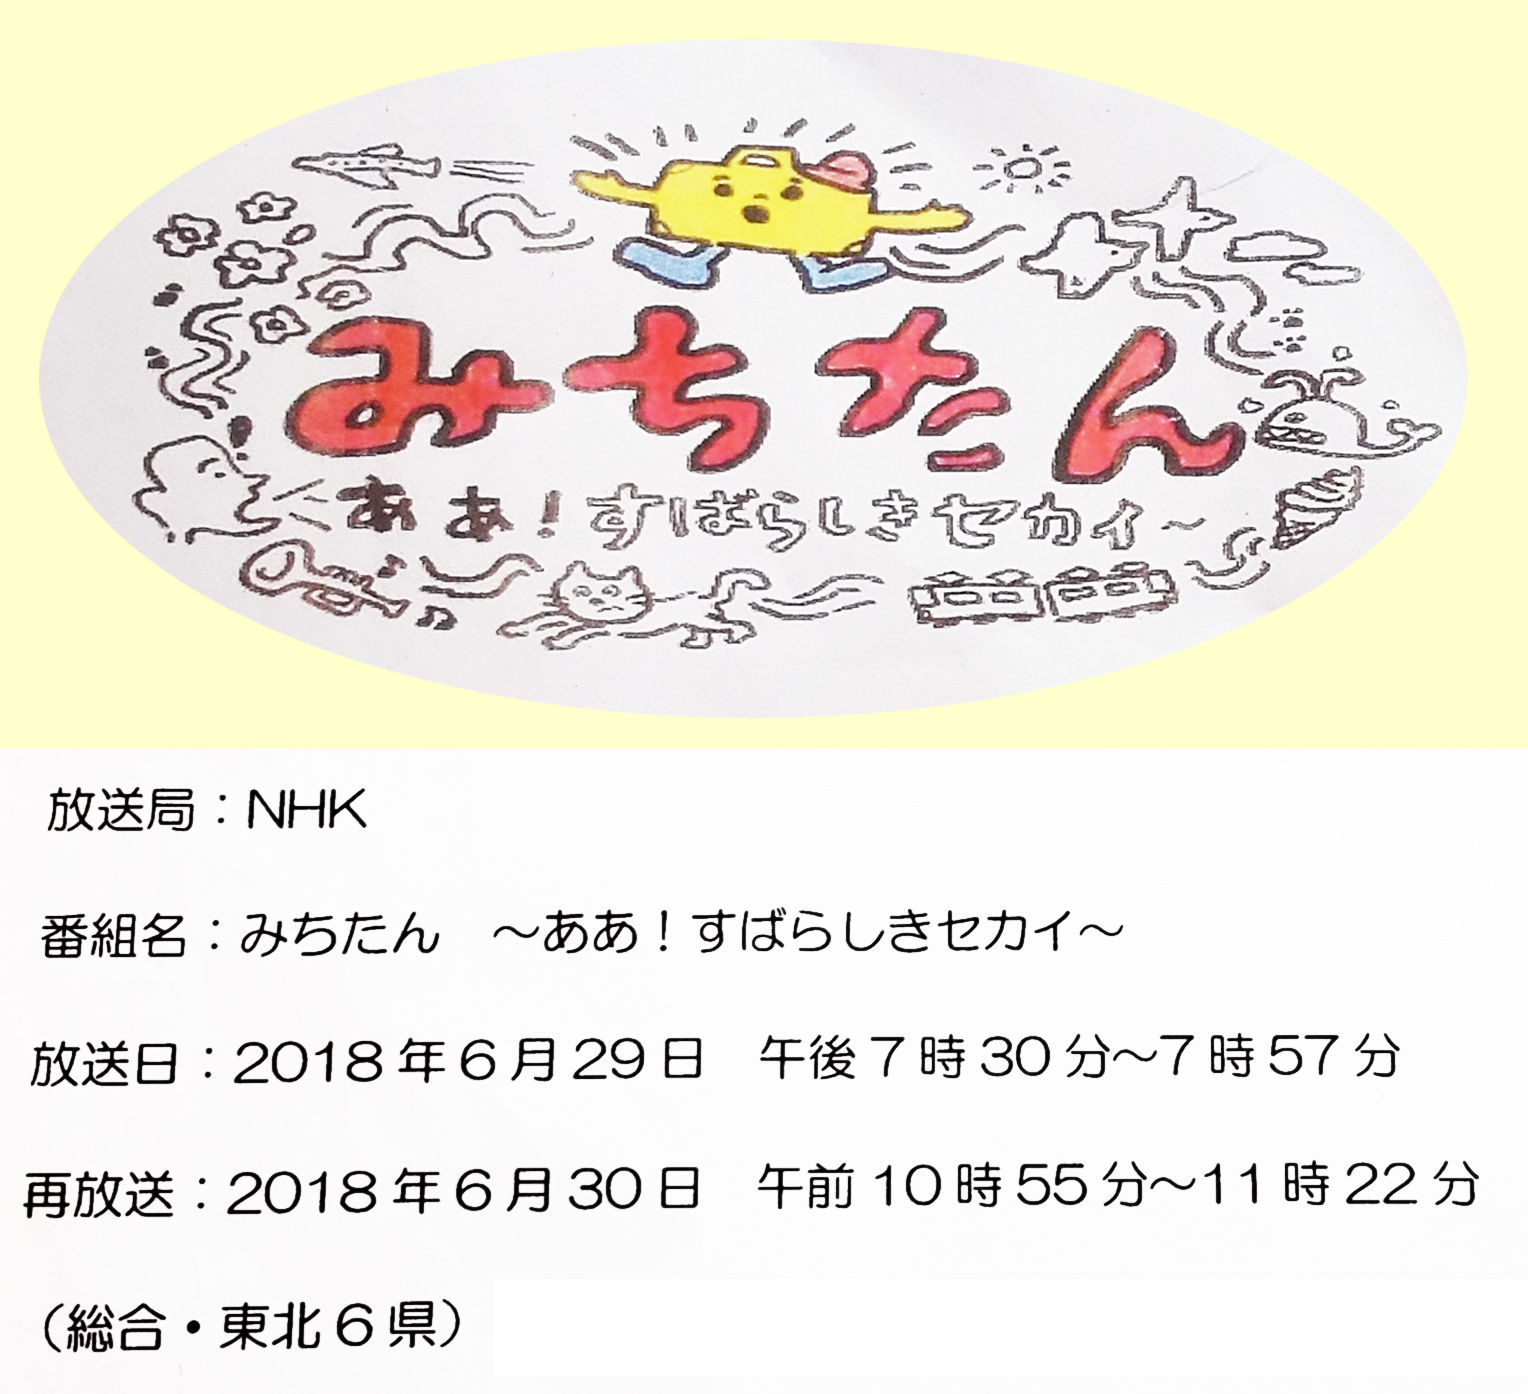 【放送(東北)】NHK「みちたん」に朝日町(空気神社)登場:画像